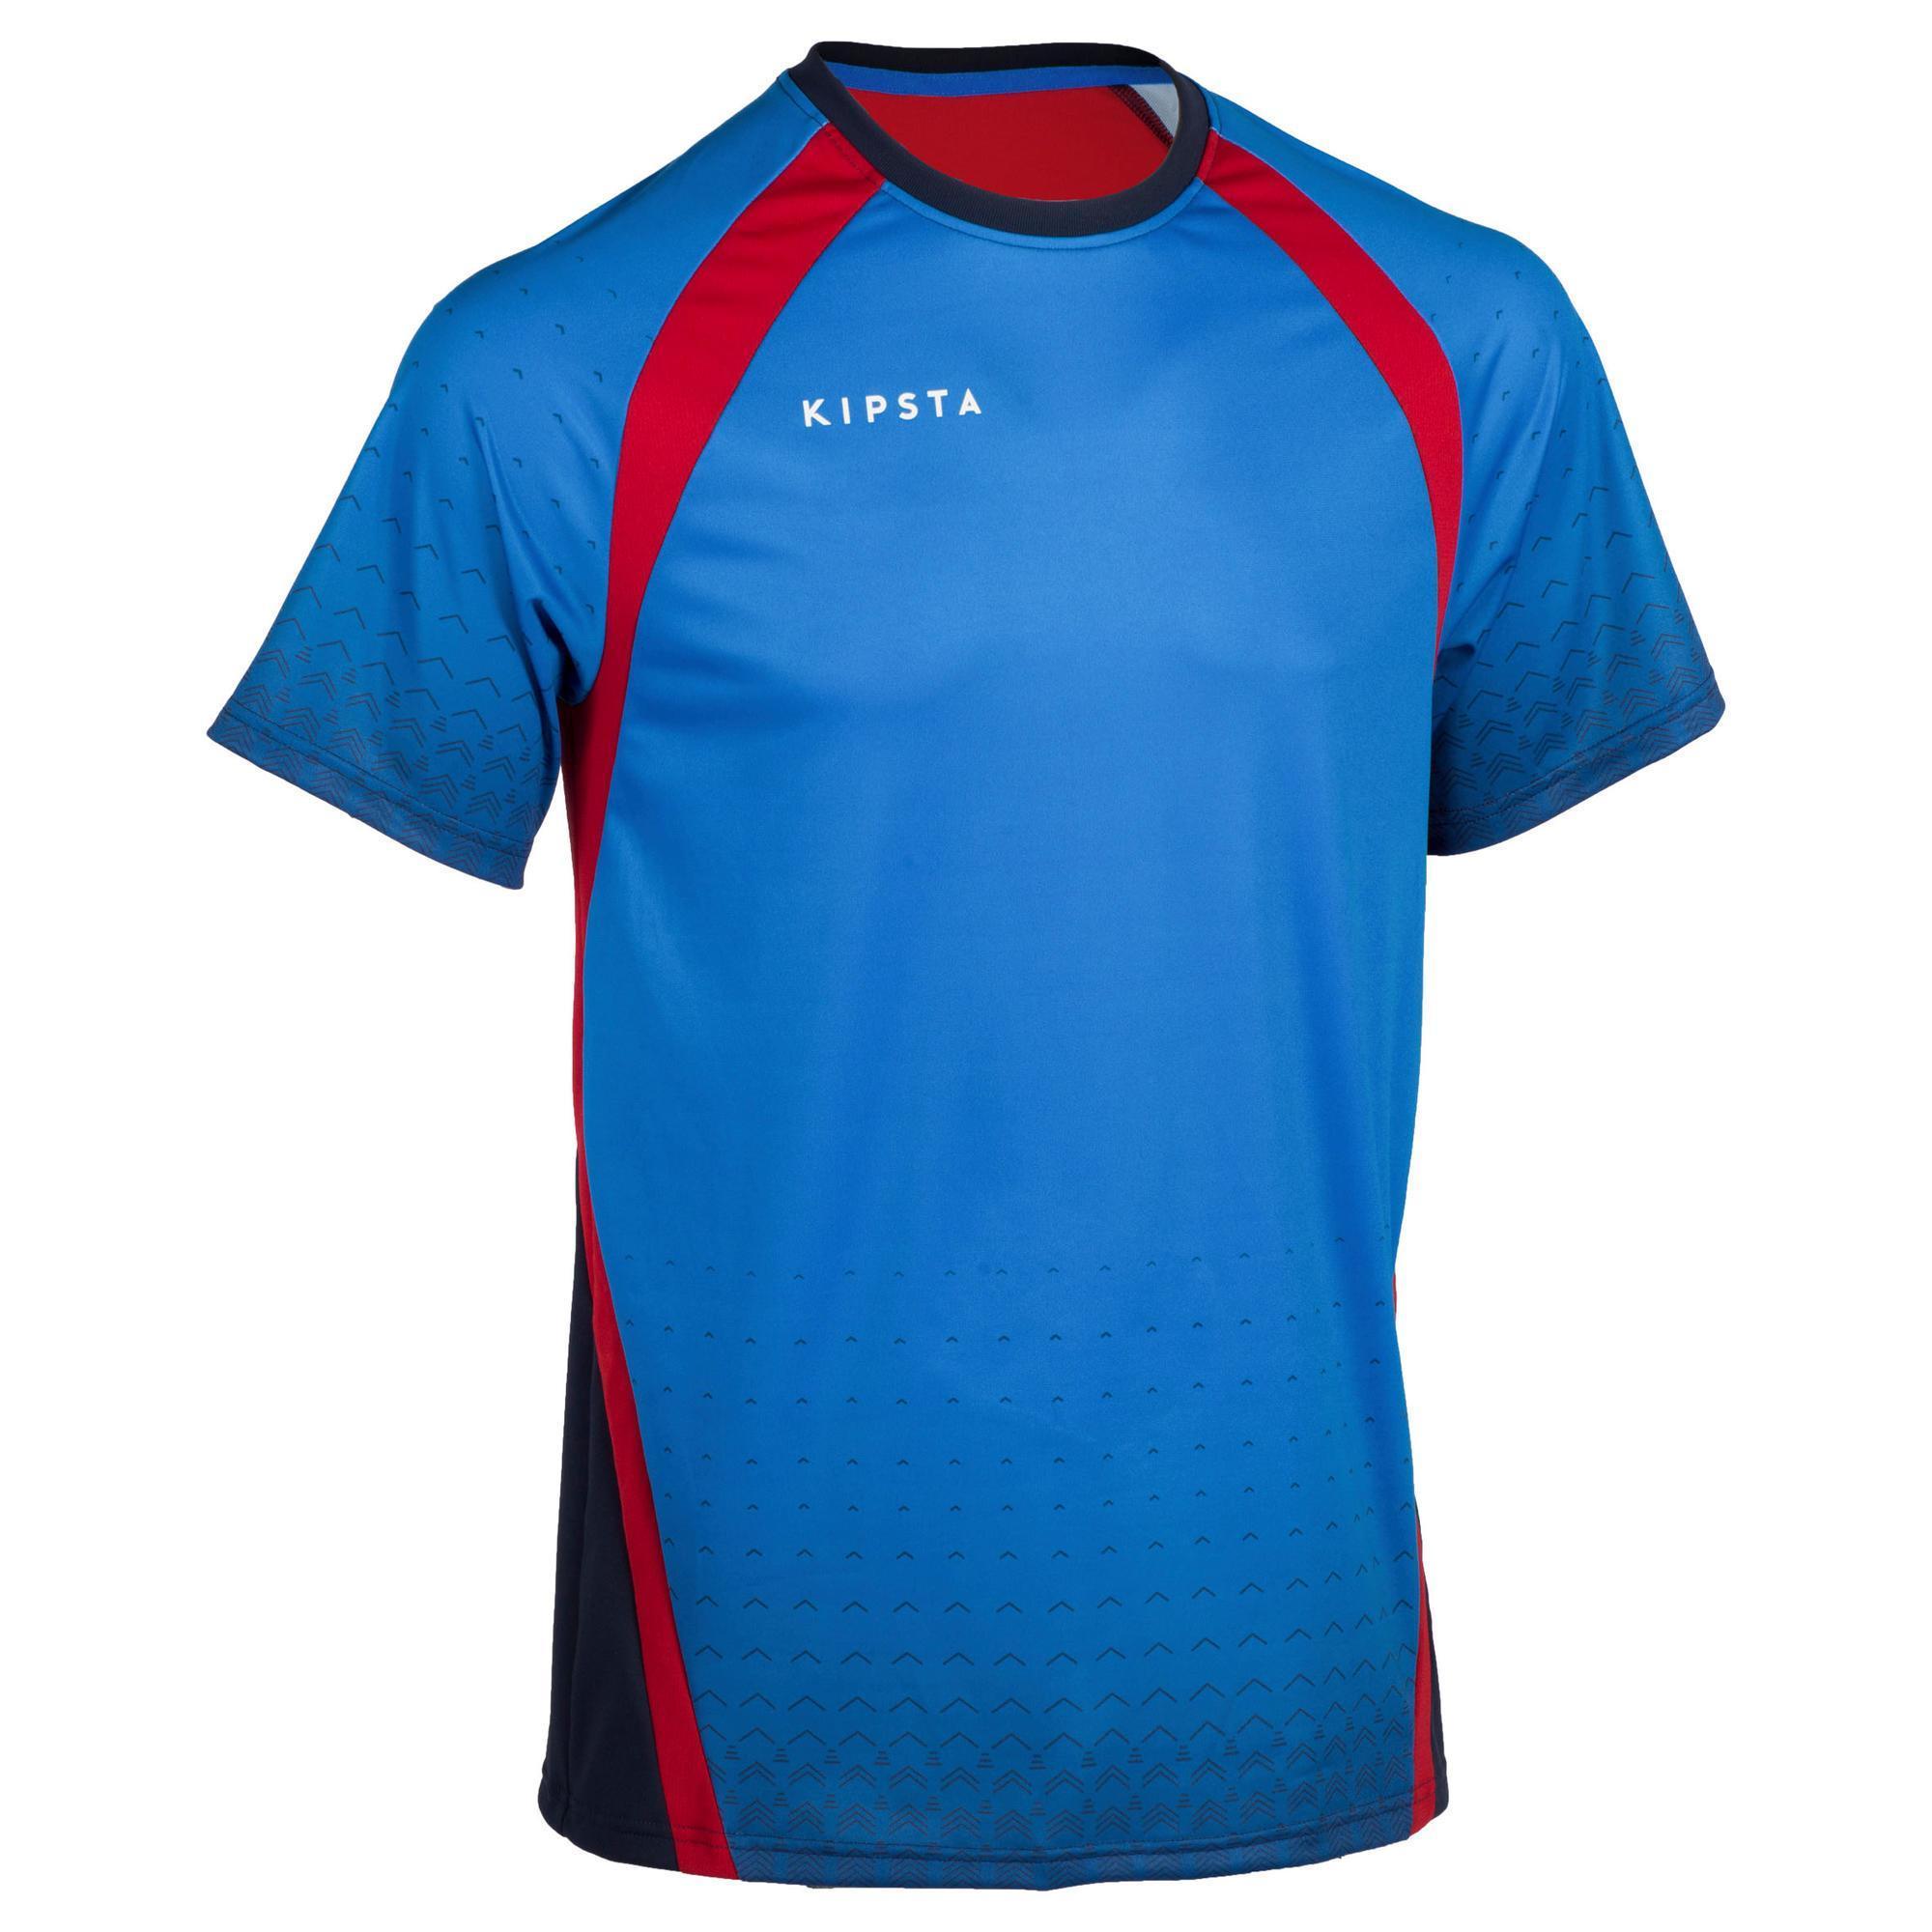 Kipsta Volleybalshirt V500 voor heren blauw/rood